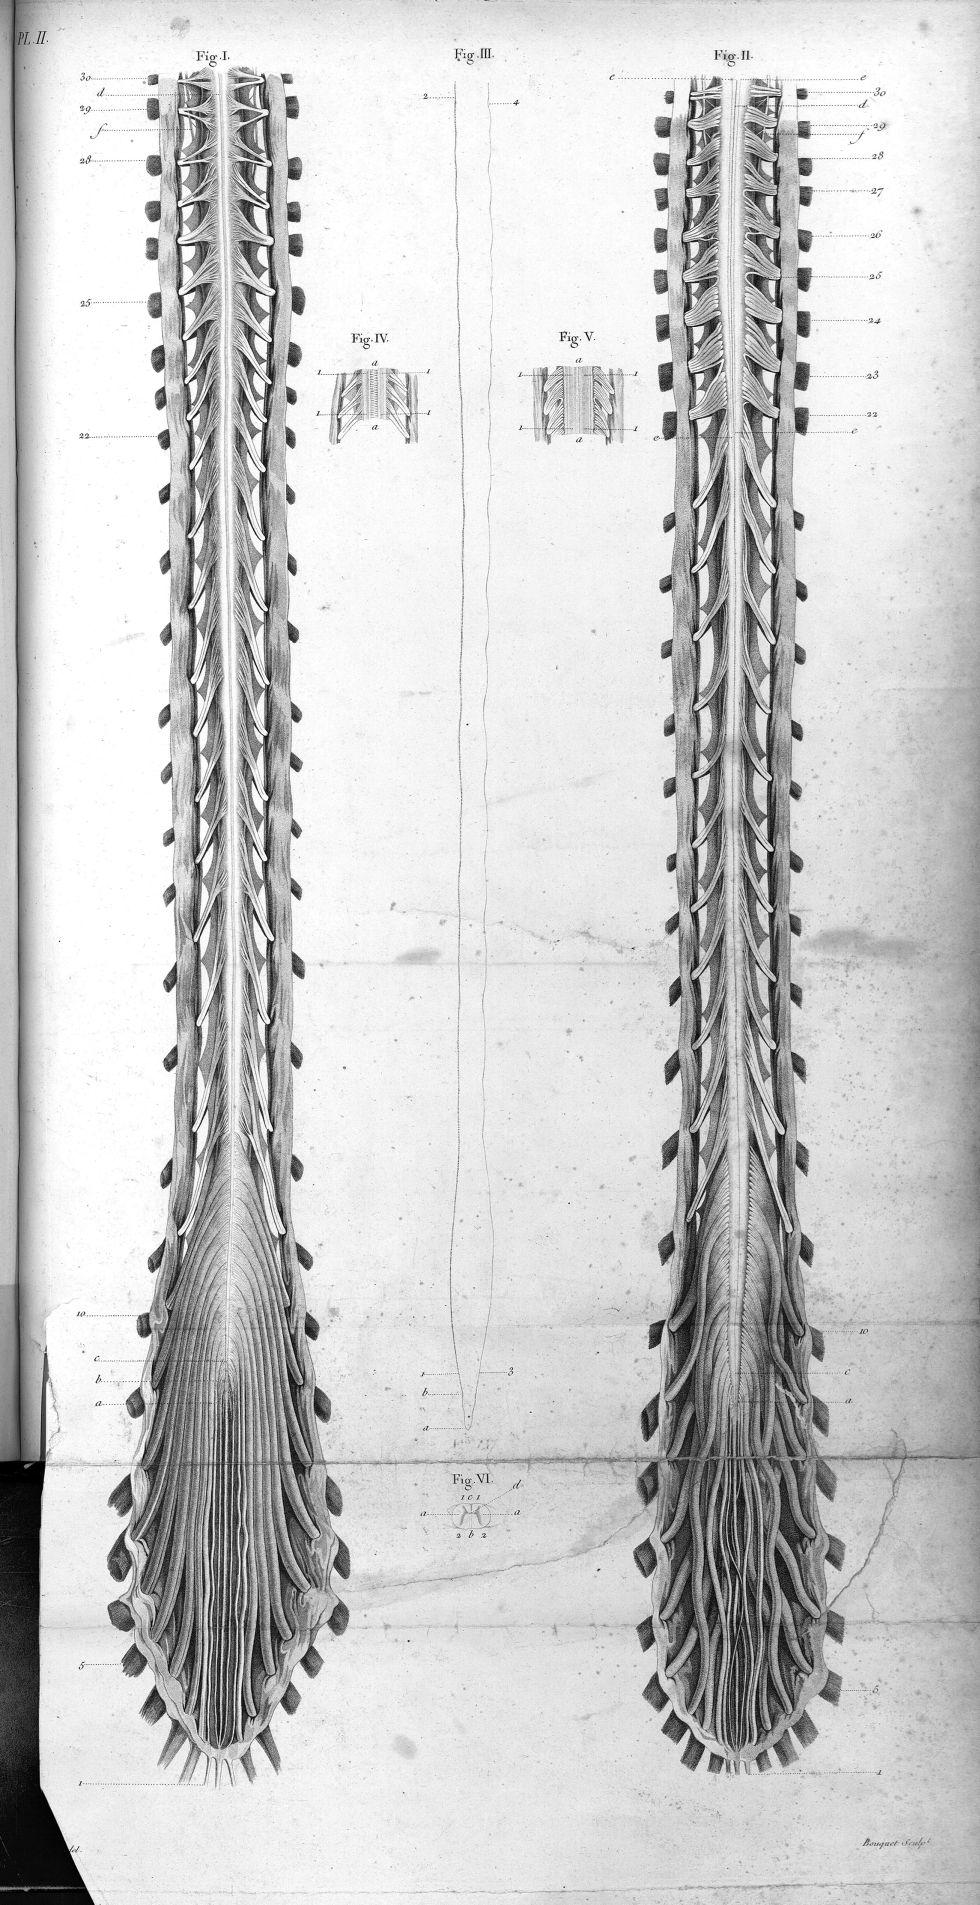 Pl. II. Fig. 1. Face antérieure / Fig. 2. Face postérieure de la masse nerveuse de la colonne vertéb [...] - Anatomie. Neurologie. Moelle épinière. 19e siècle (France) - med00575x01x0307